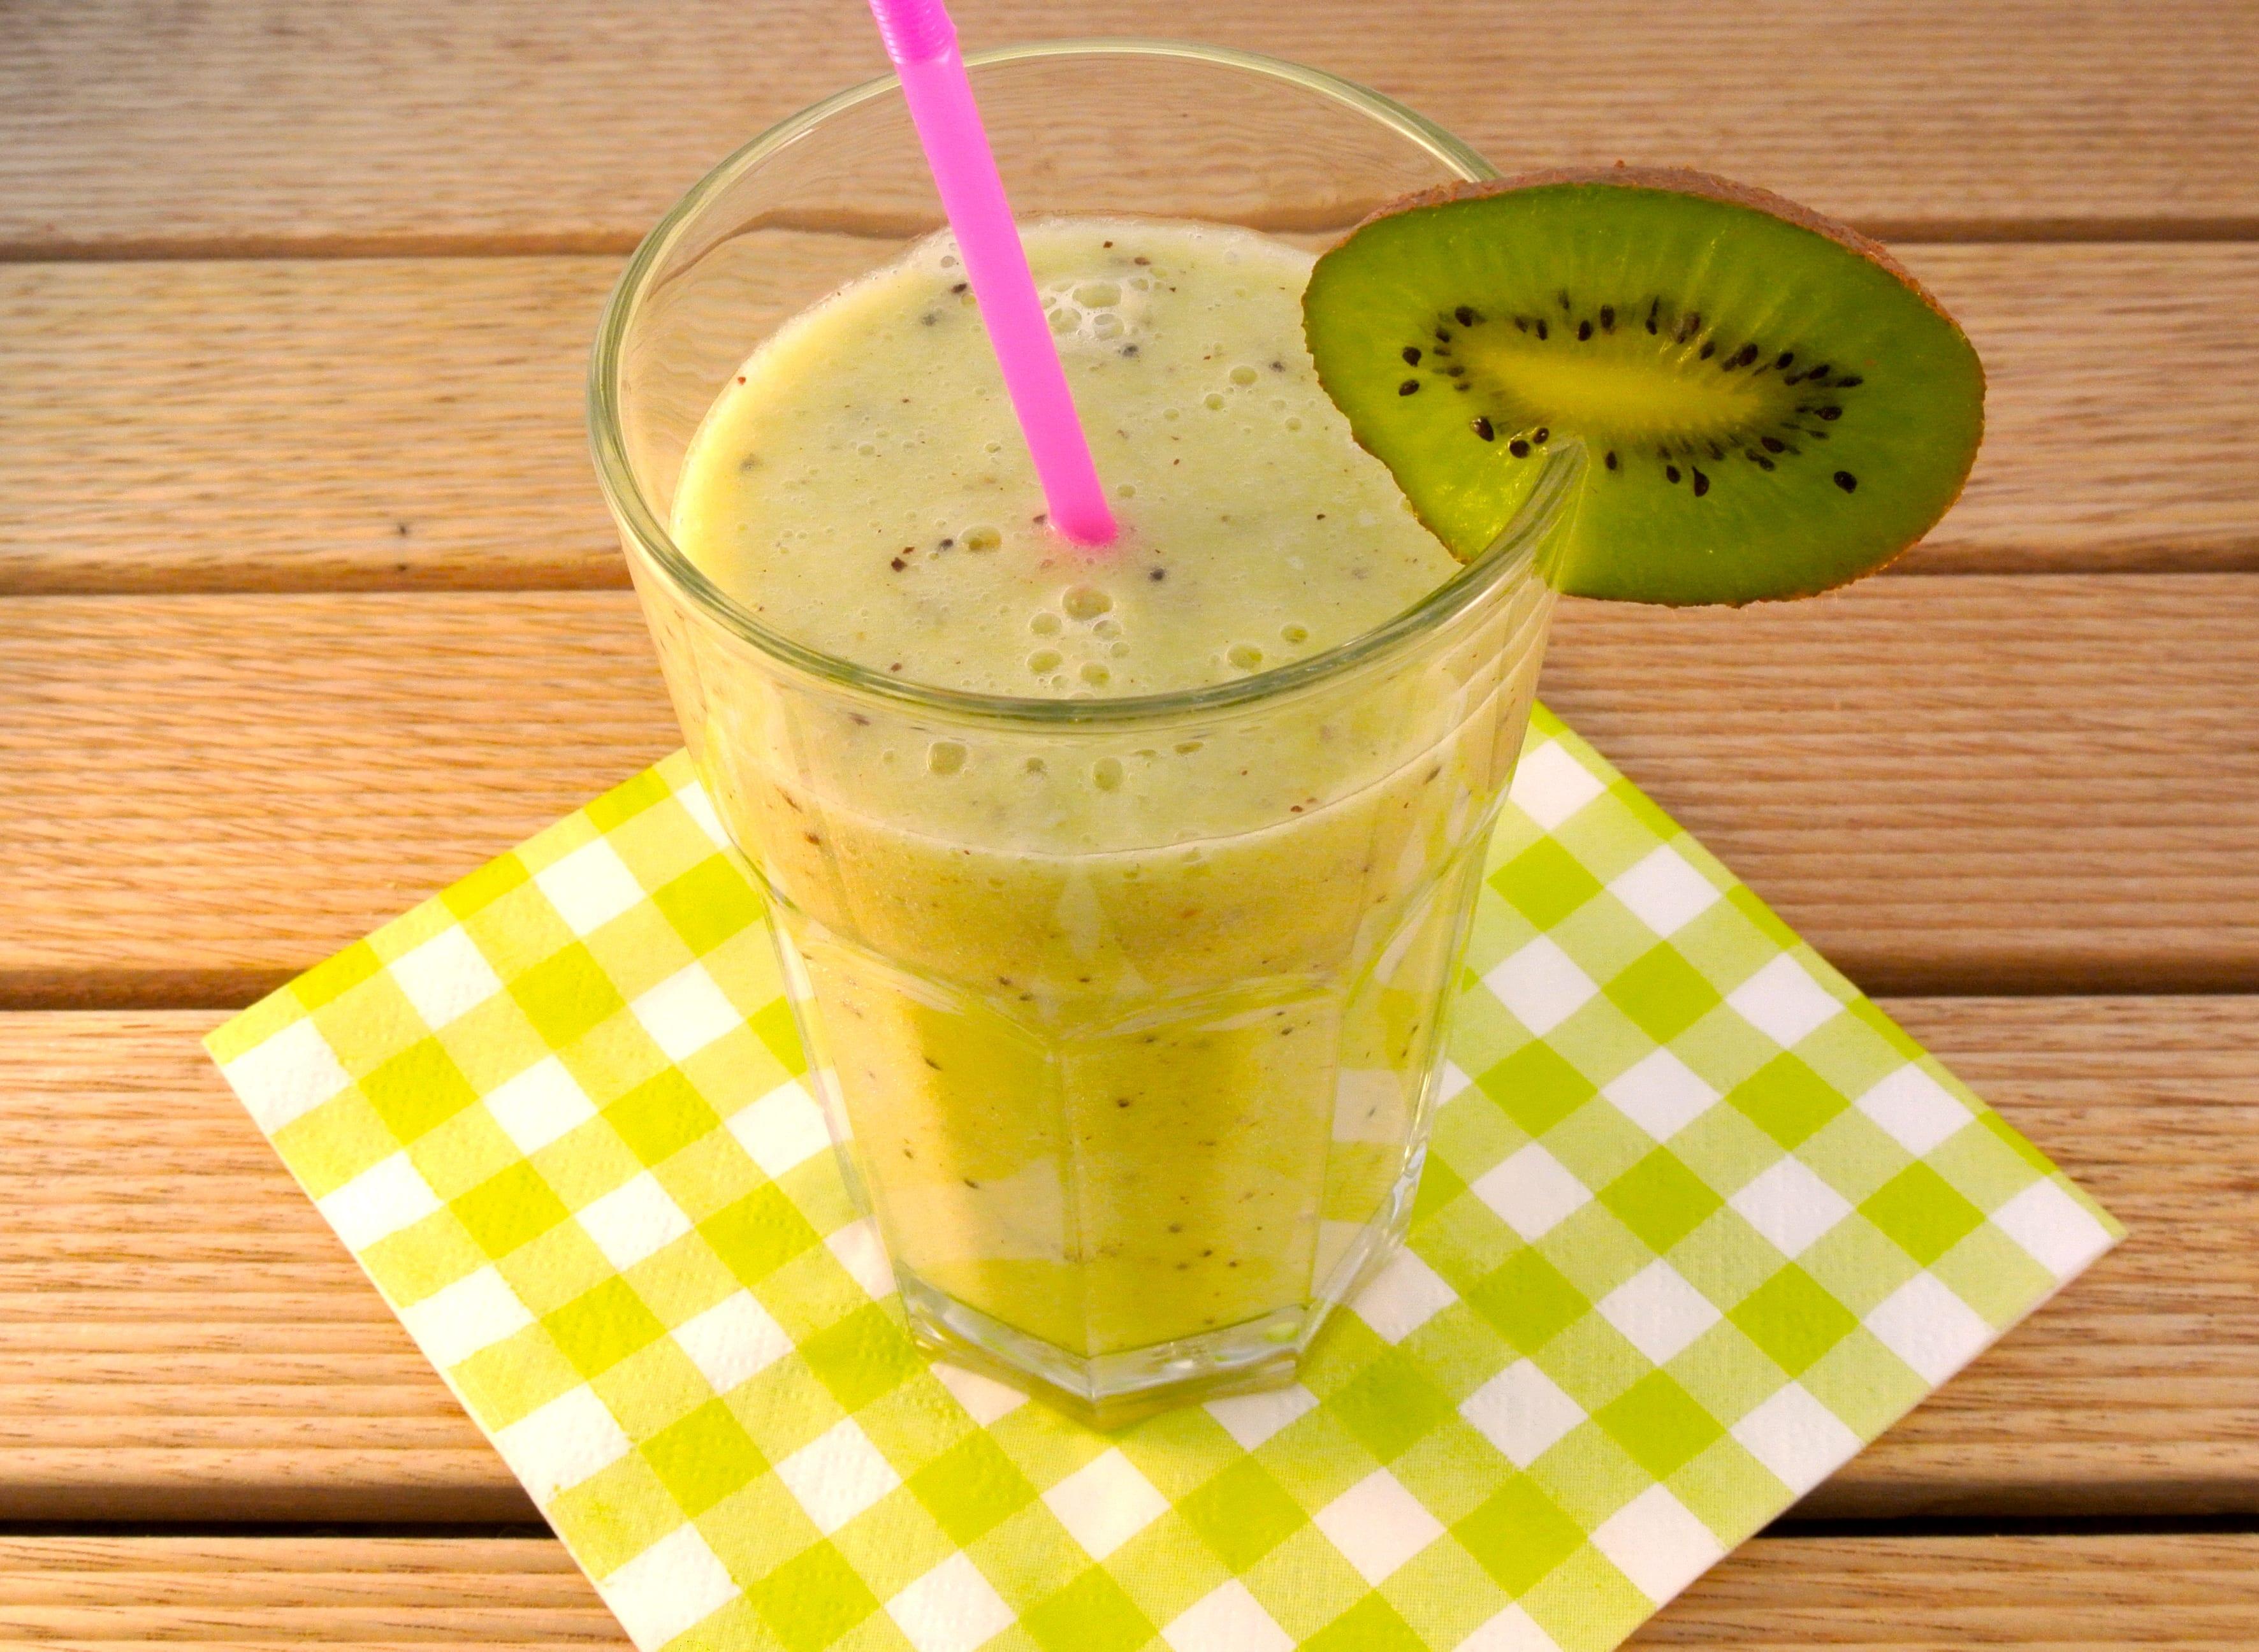 Gezonde smoothie met banaan, kiwi en jus d'orange